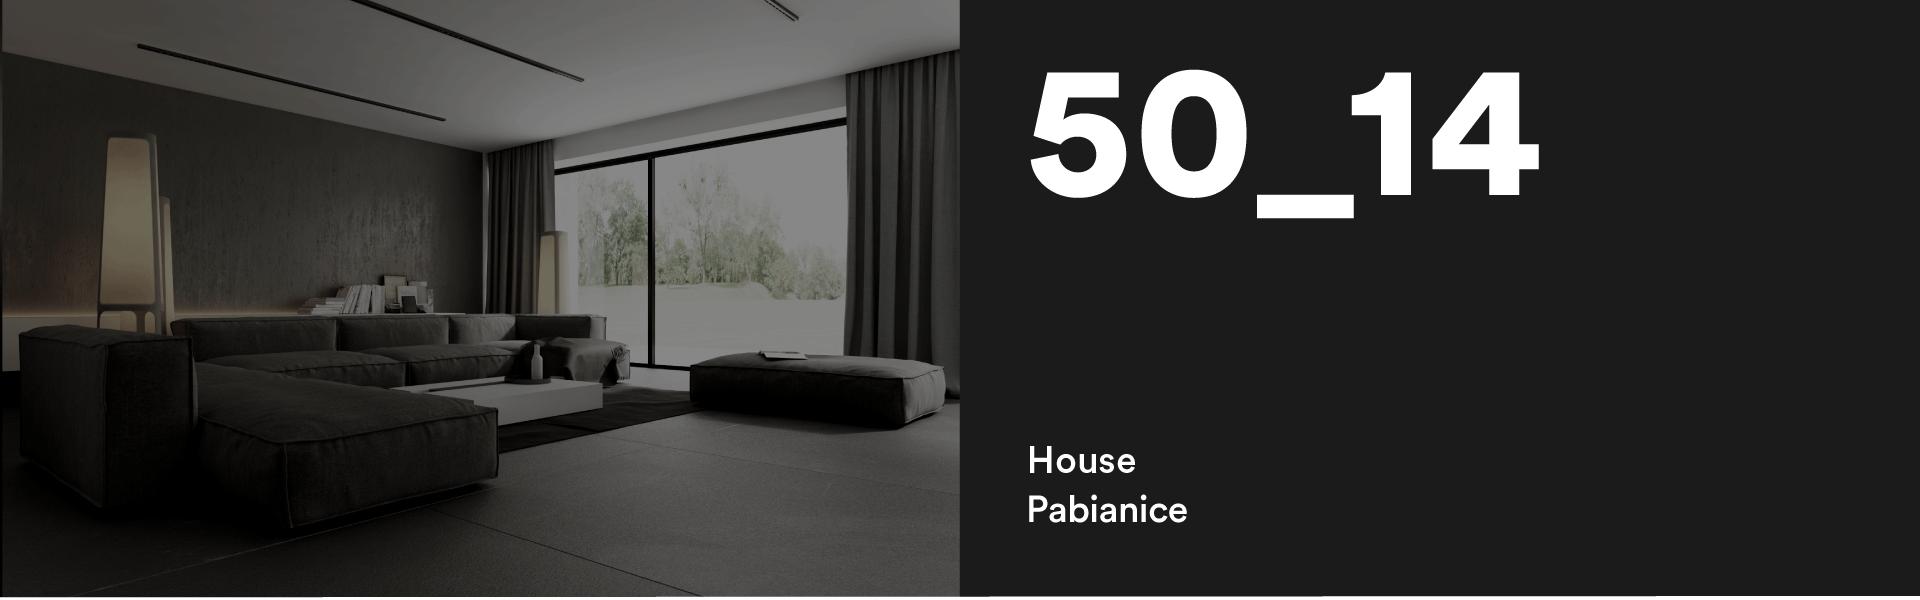 50_14 House Pabianice